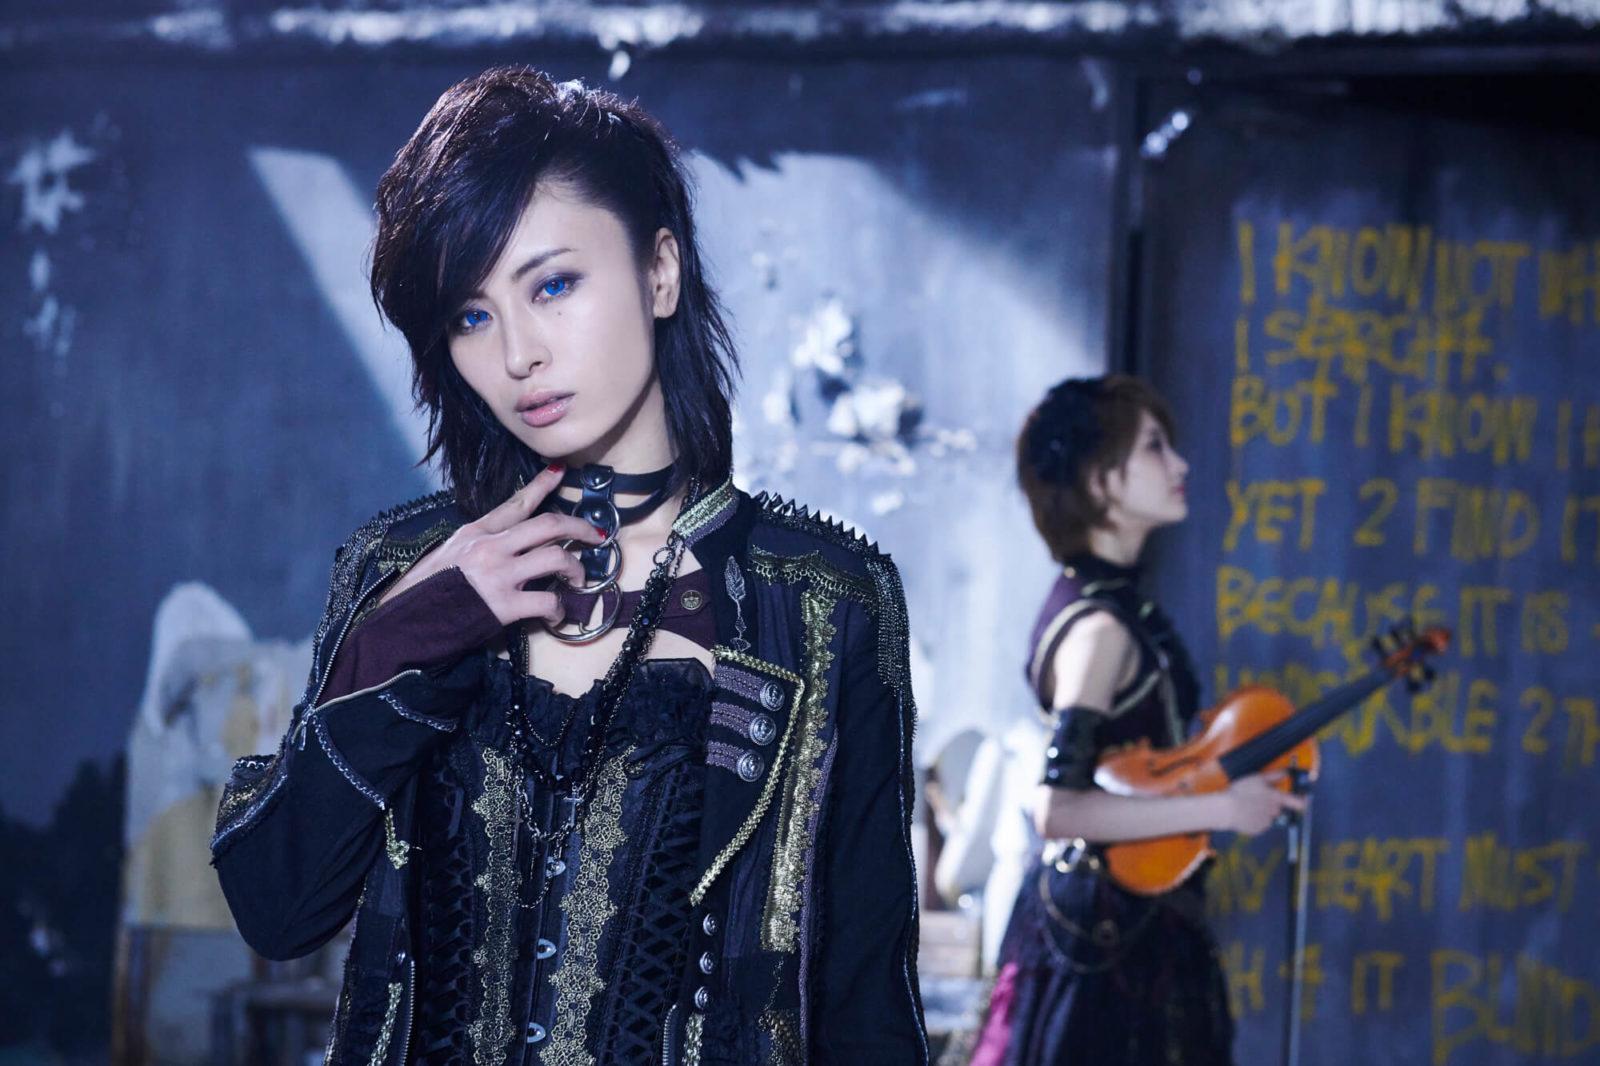 イケメン男装モデルAKIRAとロックバイオリニストAyasaのスペシャルユニット・+Aに聞く「沢山ライブがしたいです」画像65142